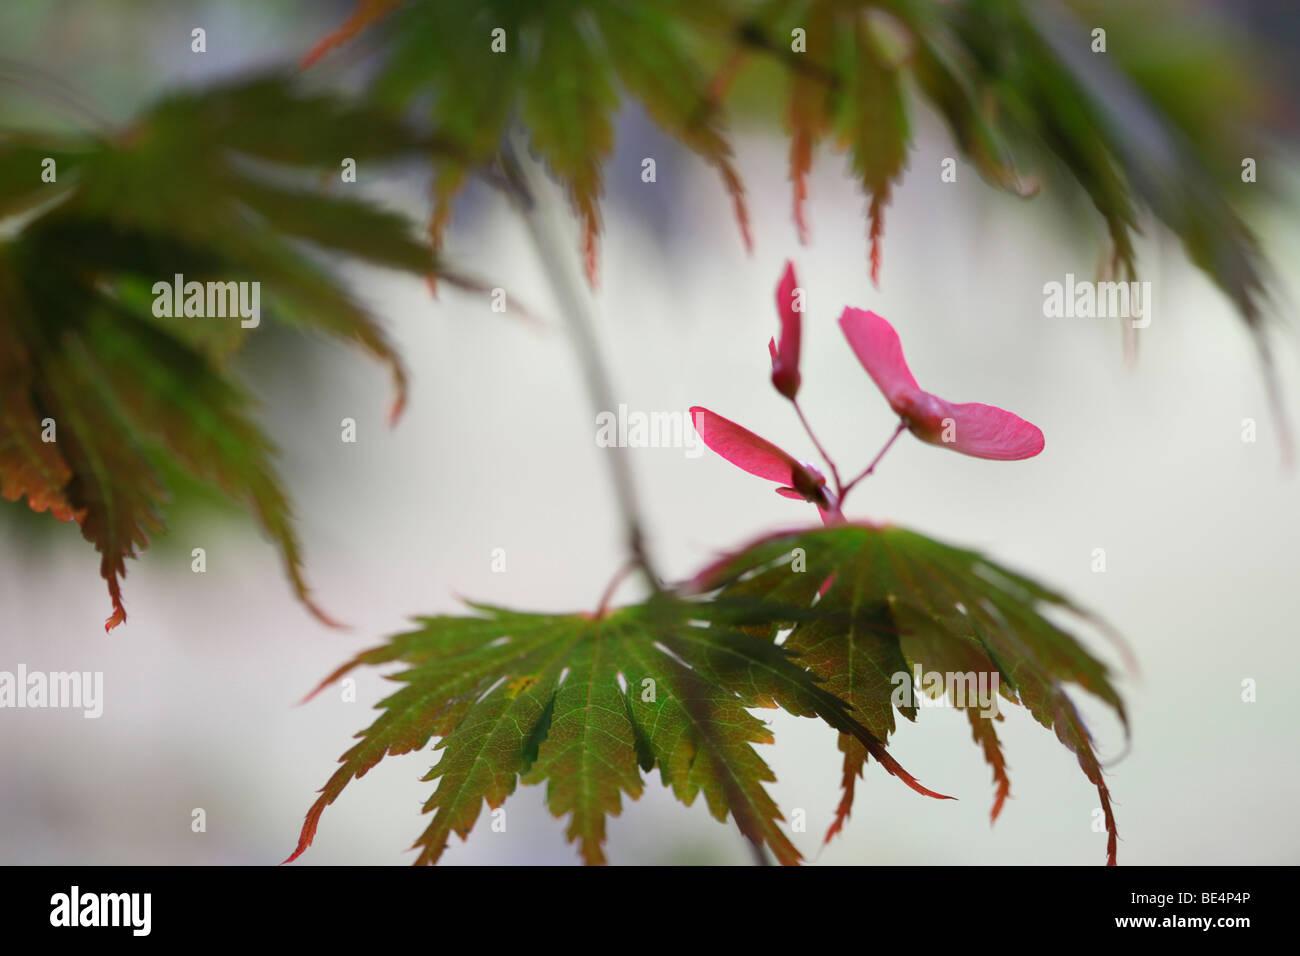 Acer Palmatum Seiryu Baum Sommer Autumn Saison-Fine Art Fotografie Jane Ann Butler Fotografie JABP598 Stockbild